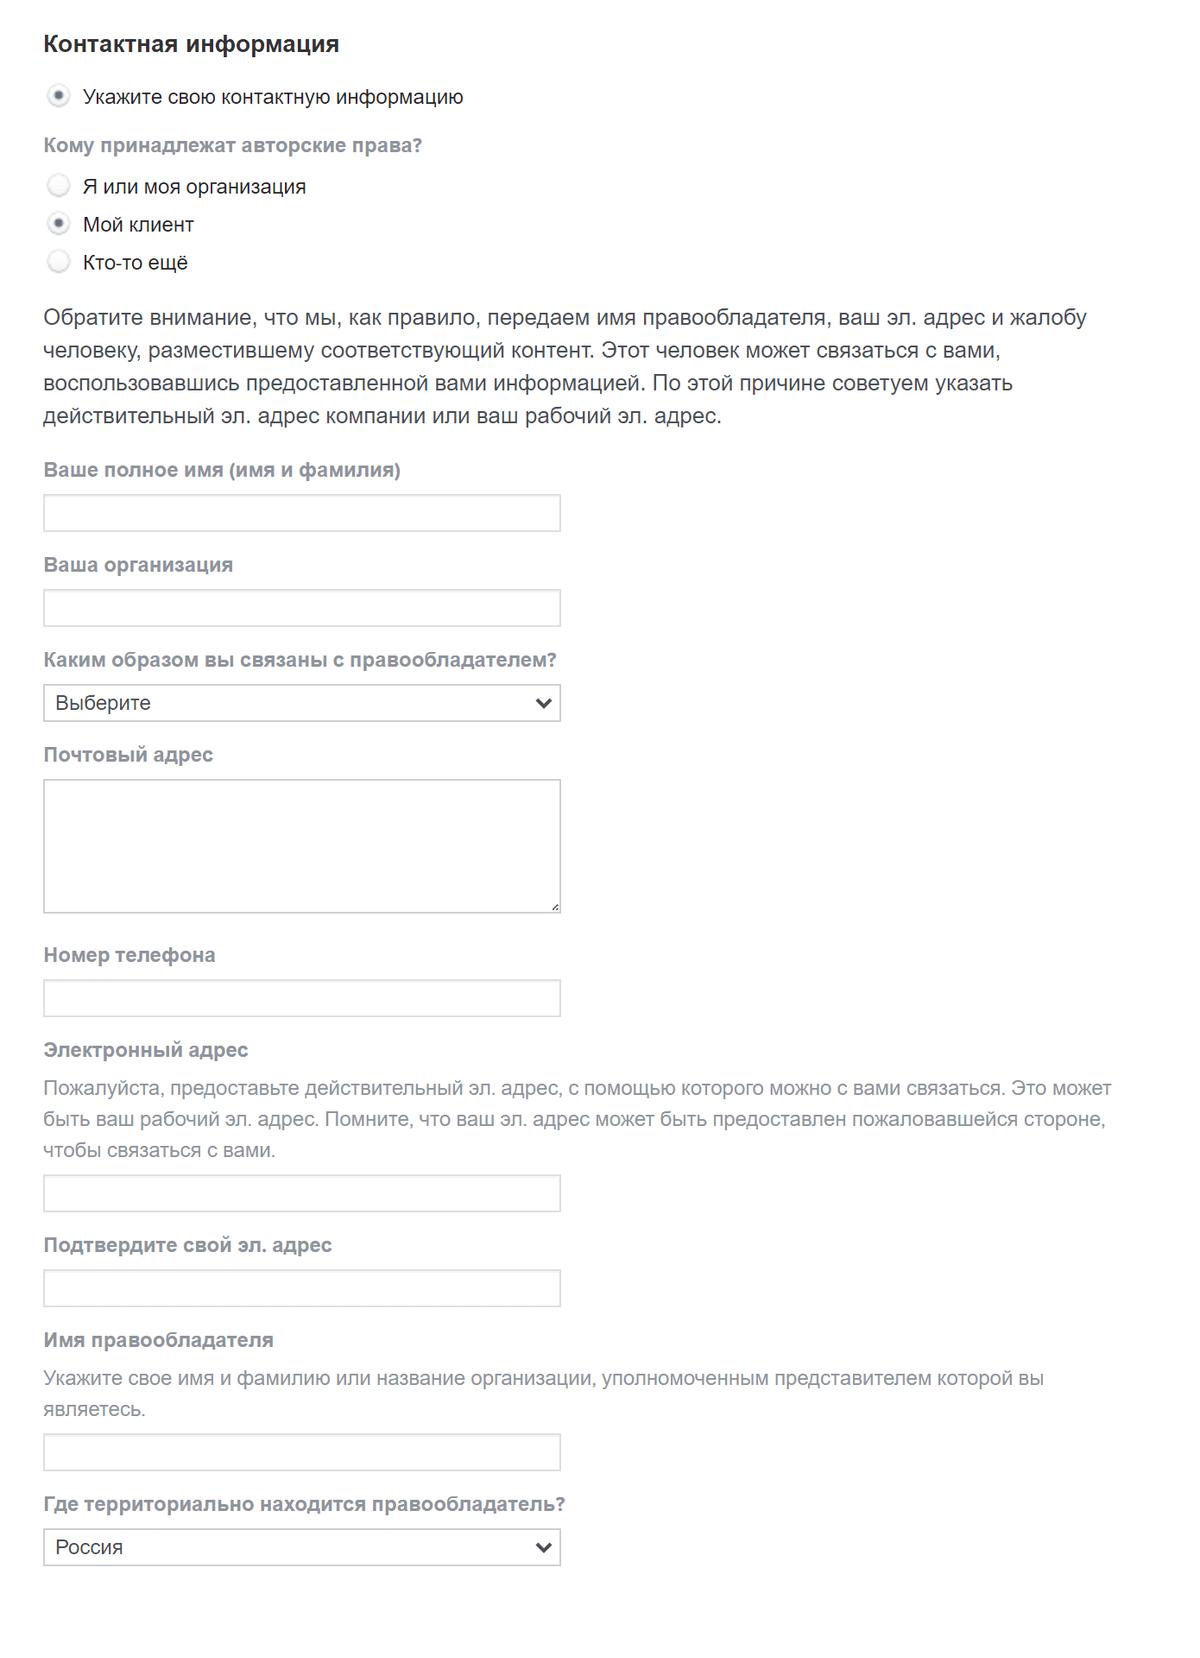 В разделе «Контактная информация» много полей с личными данными. Обратите внимание: указанные здесь имя и адрес электронной почты станут доступны тому, на кого вы жалуетесь